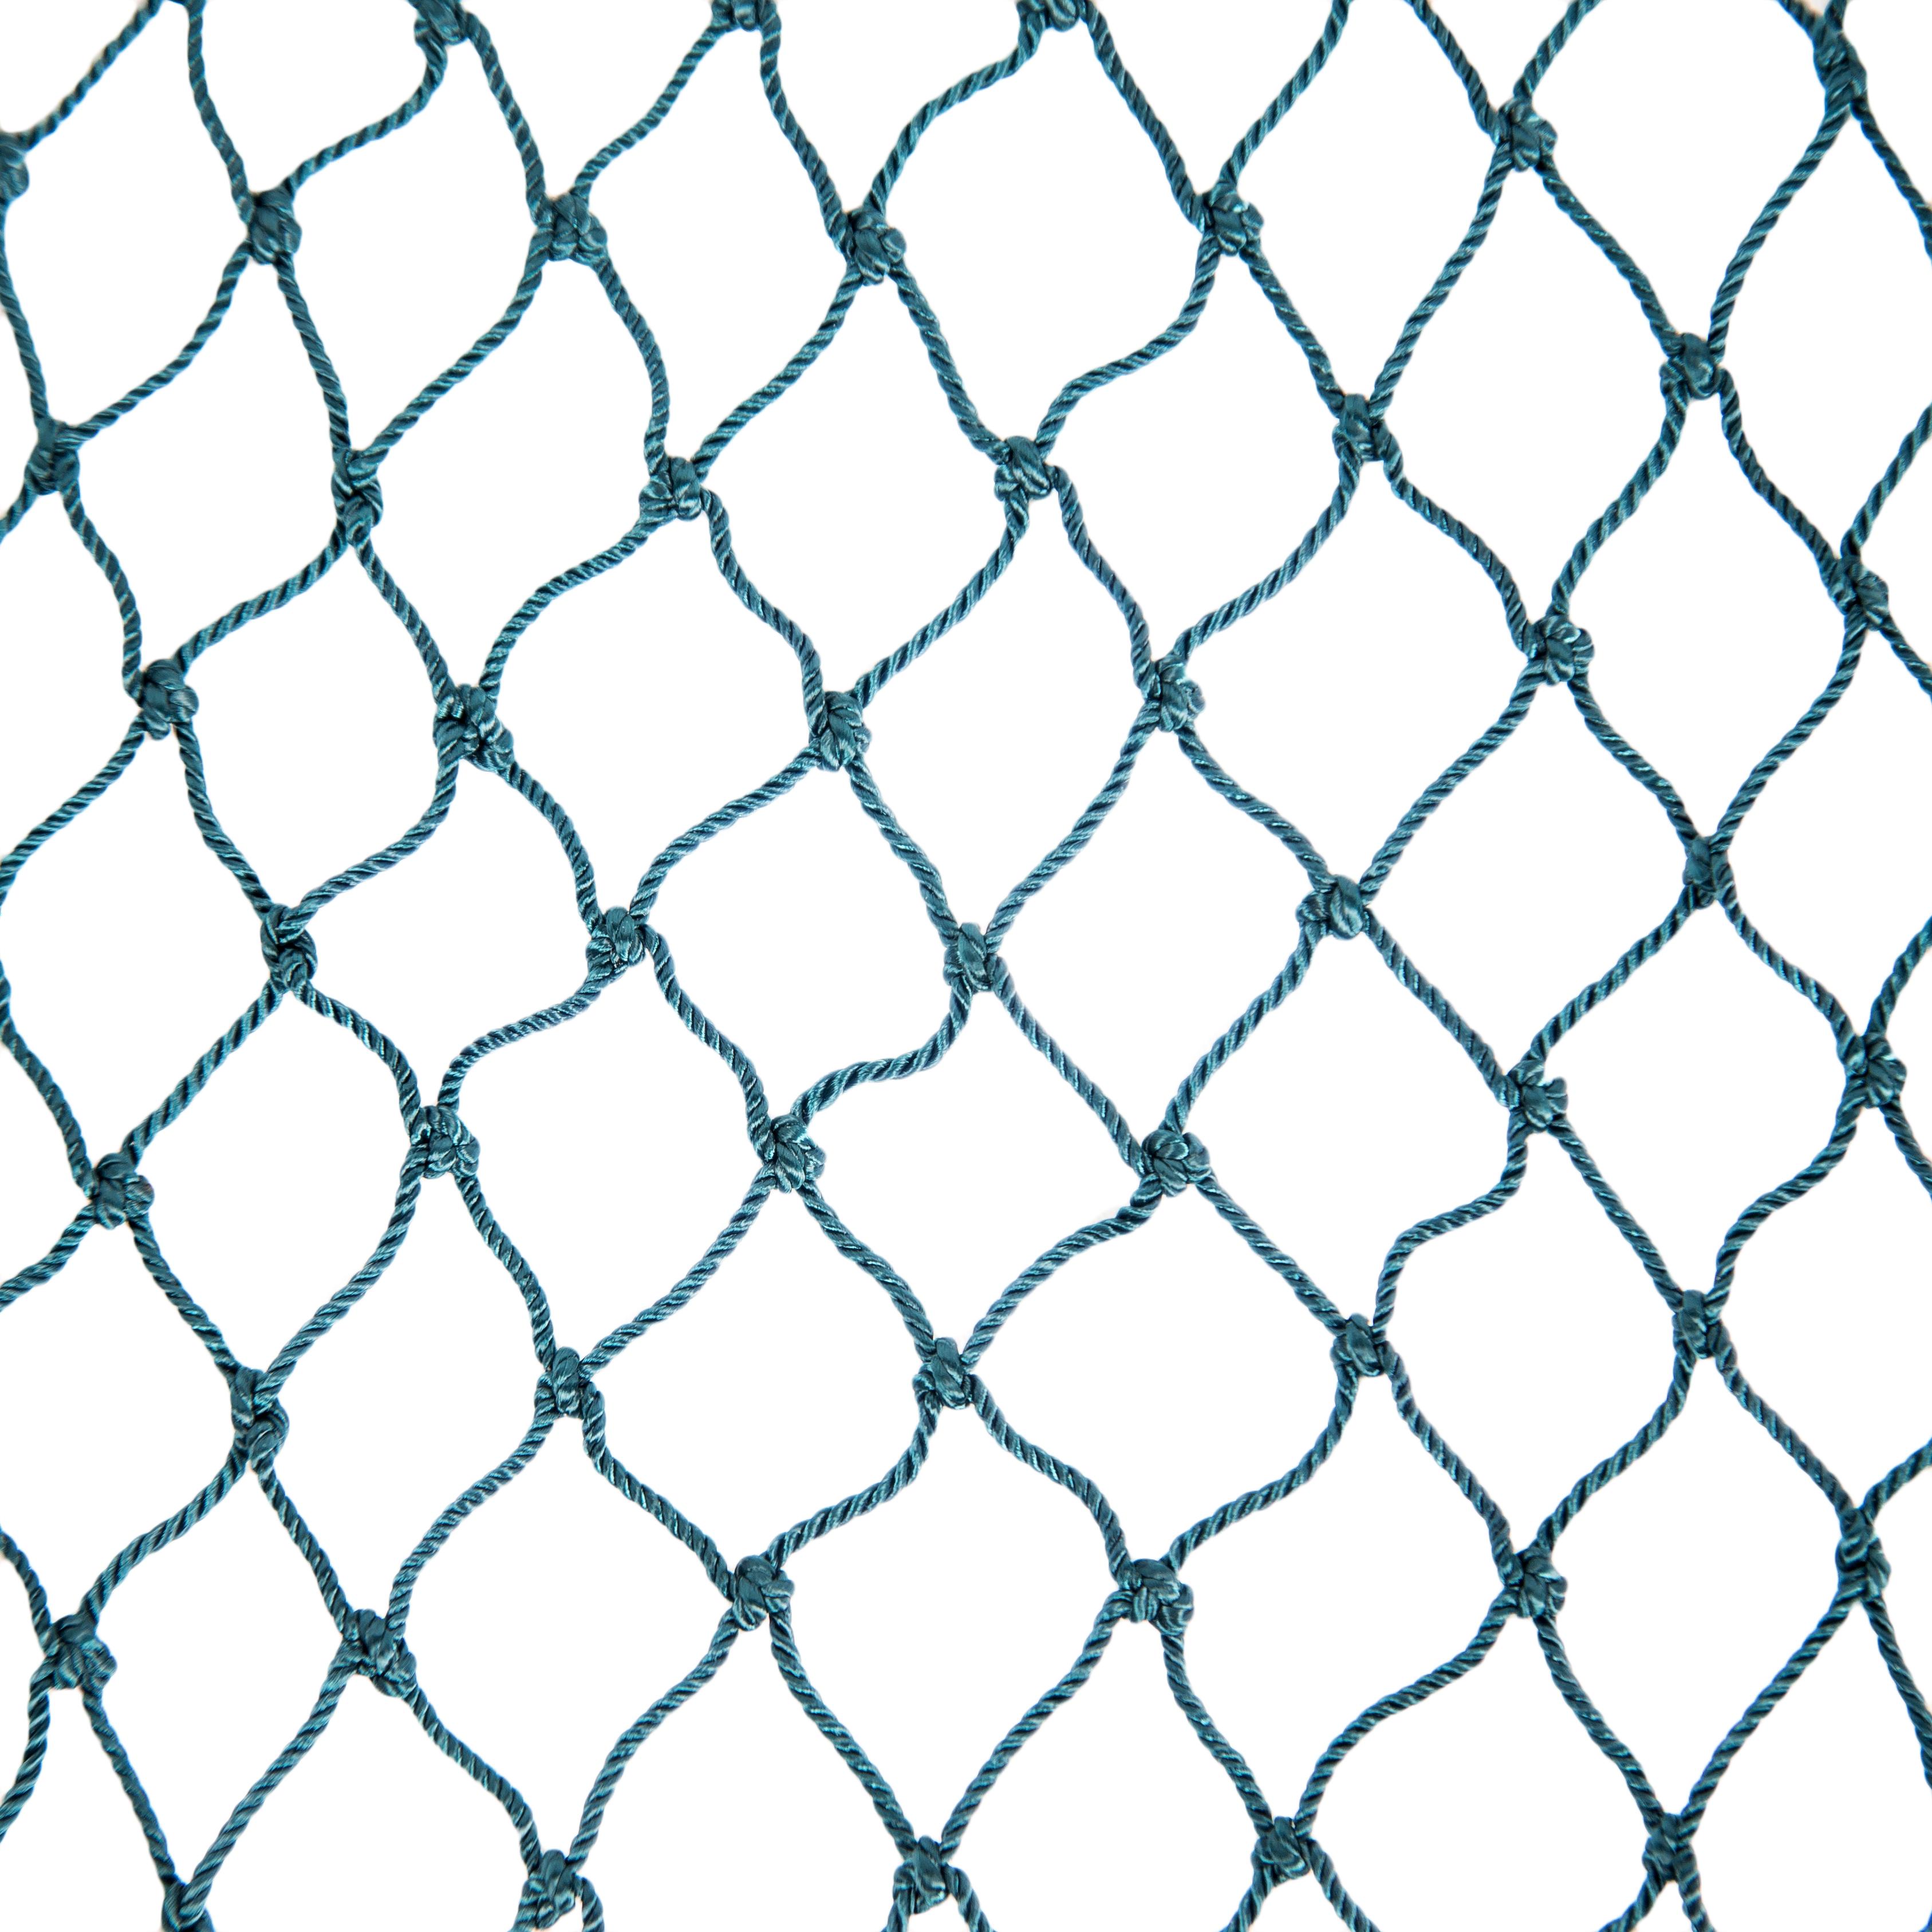 Fishing Nets - ALNET (Pty) Ltd